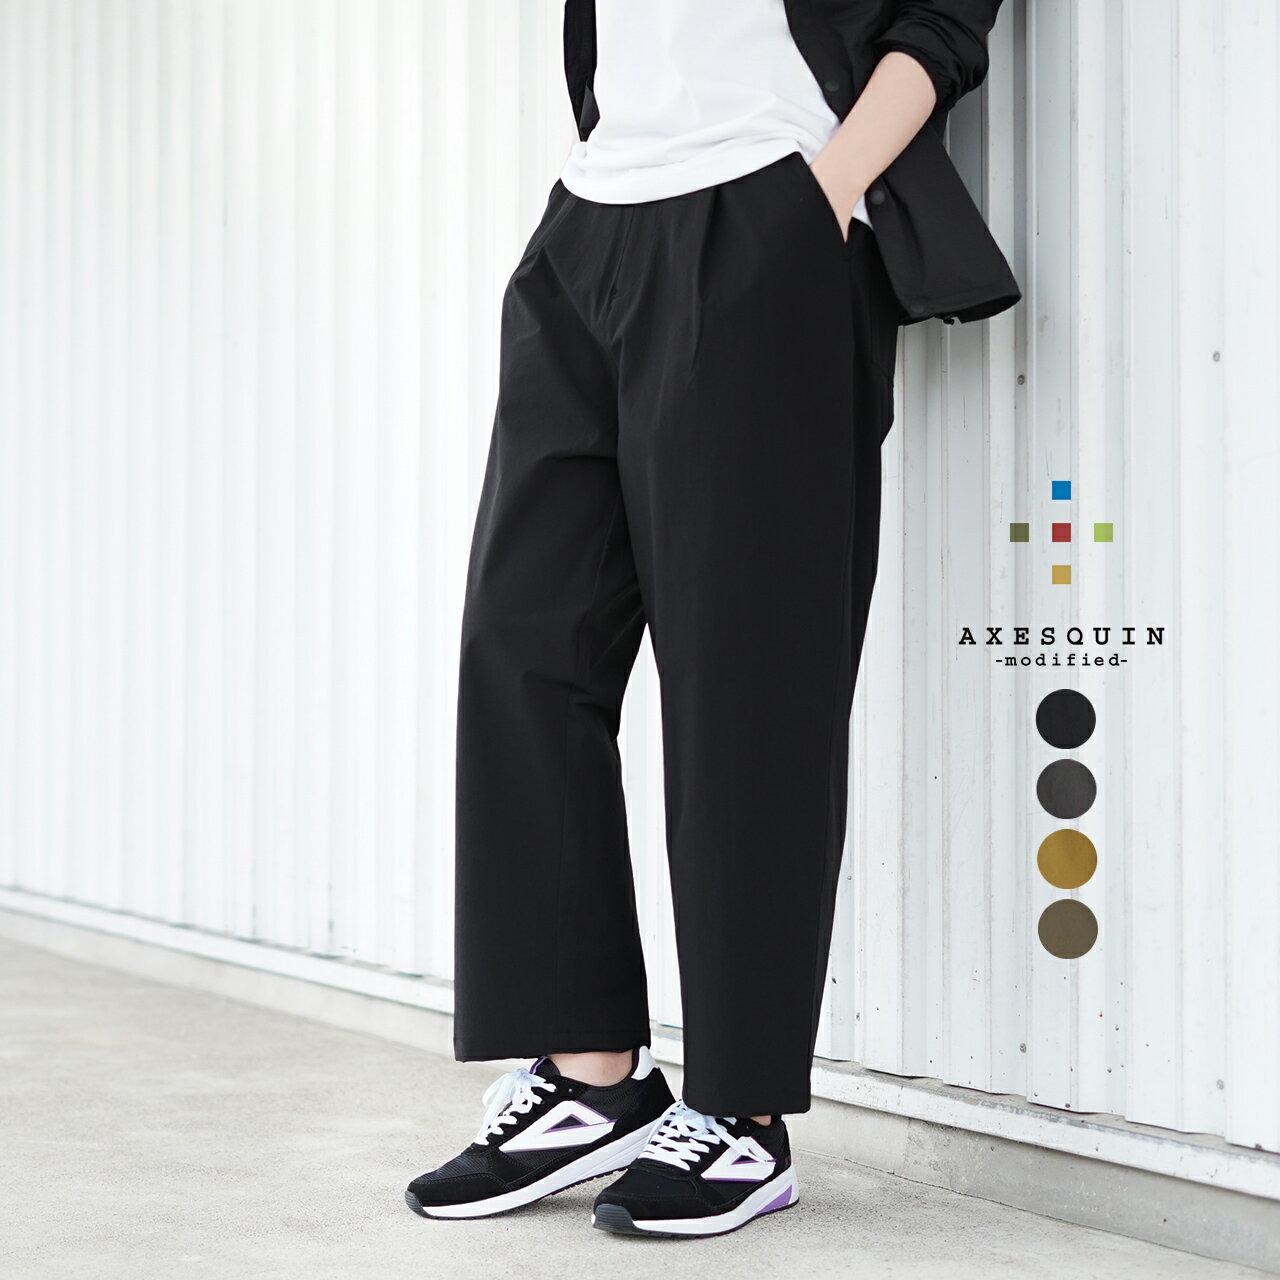 メンズファッション, ズボン・パンツ SALE50OFF 4 4 322009 TECH SLACKS PANTS AXESQUIN 0408SALE